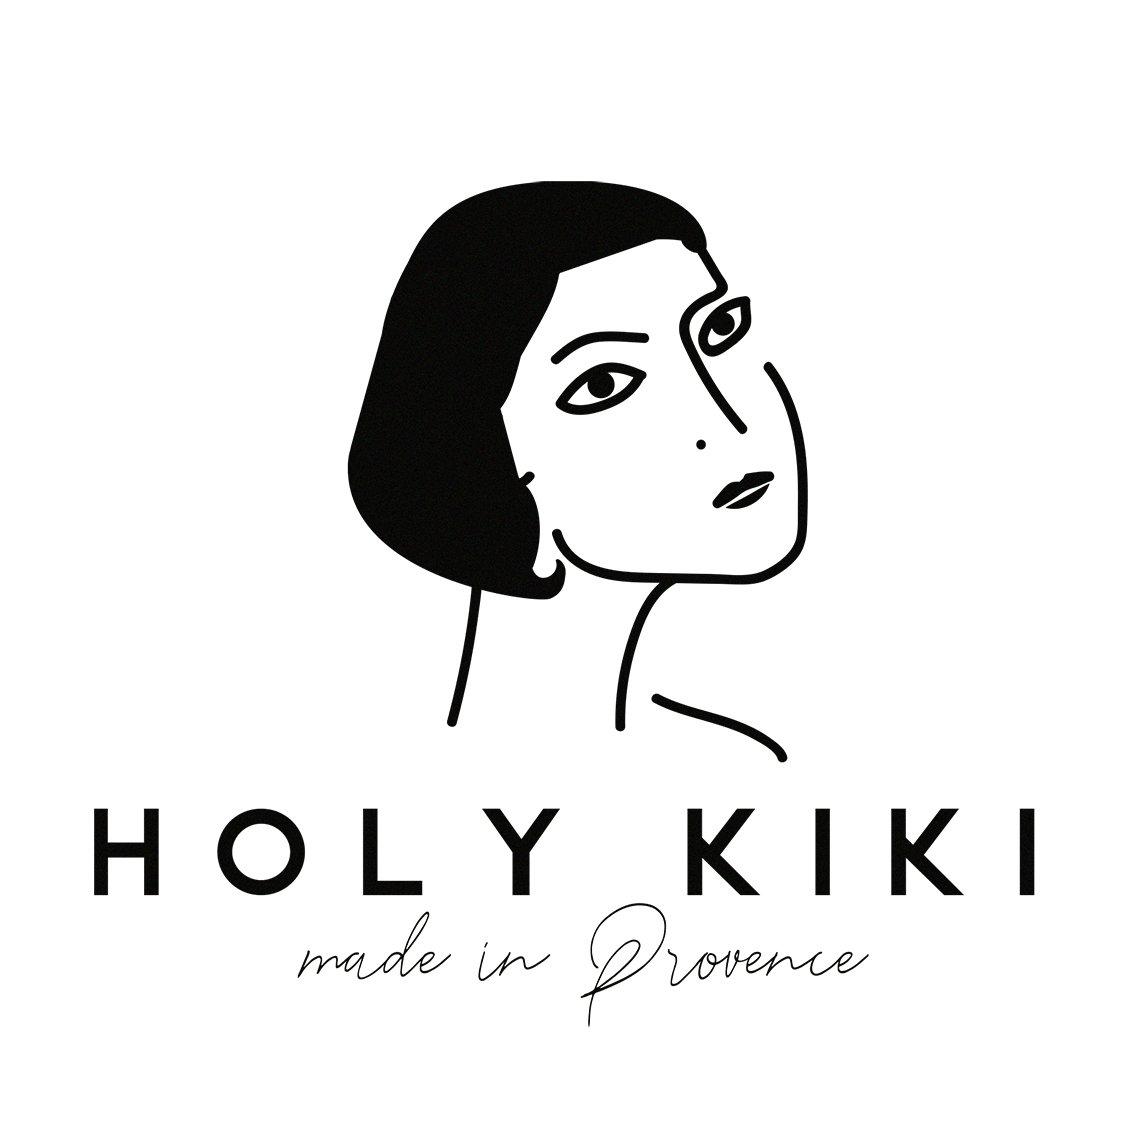 Holy Kiki